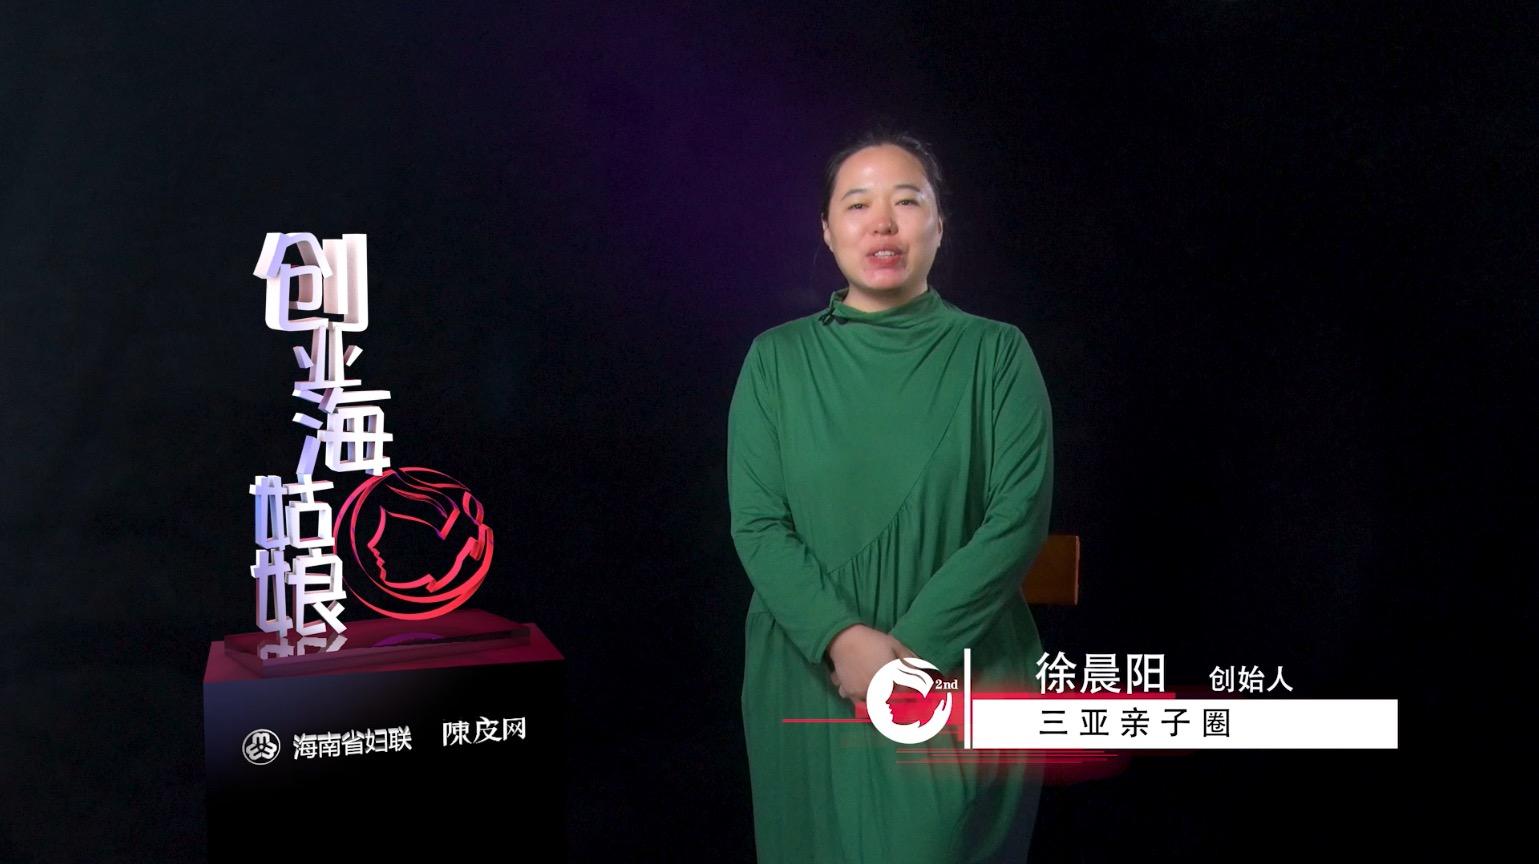 创业海姑娘|亲子圈宝妈徐晨阳——做家庭亲子服务平台